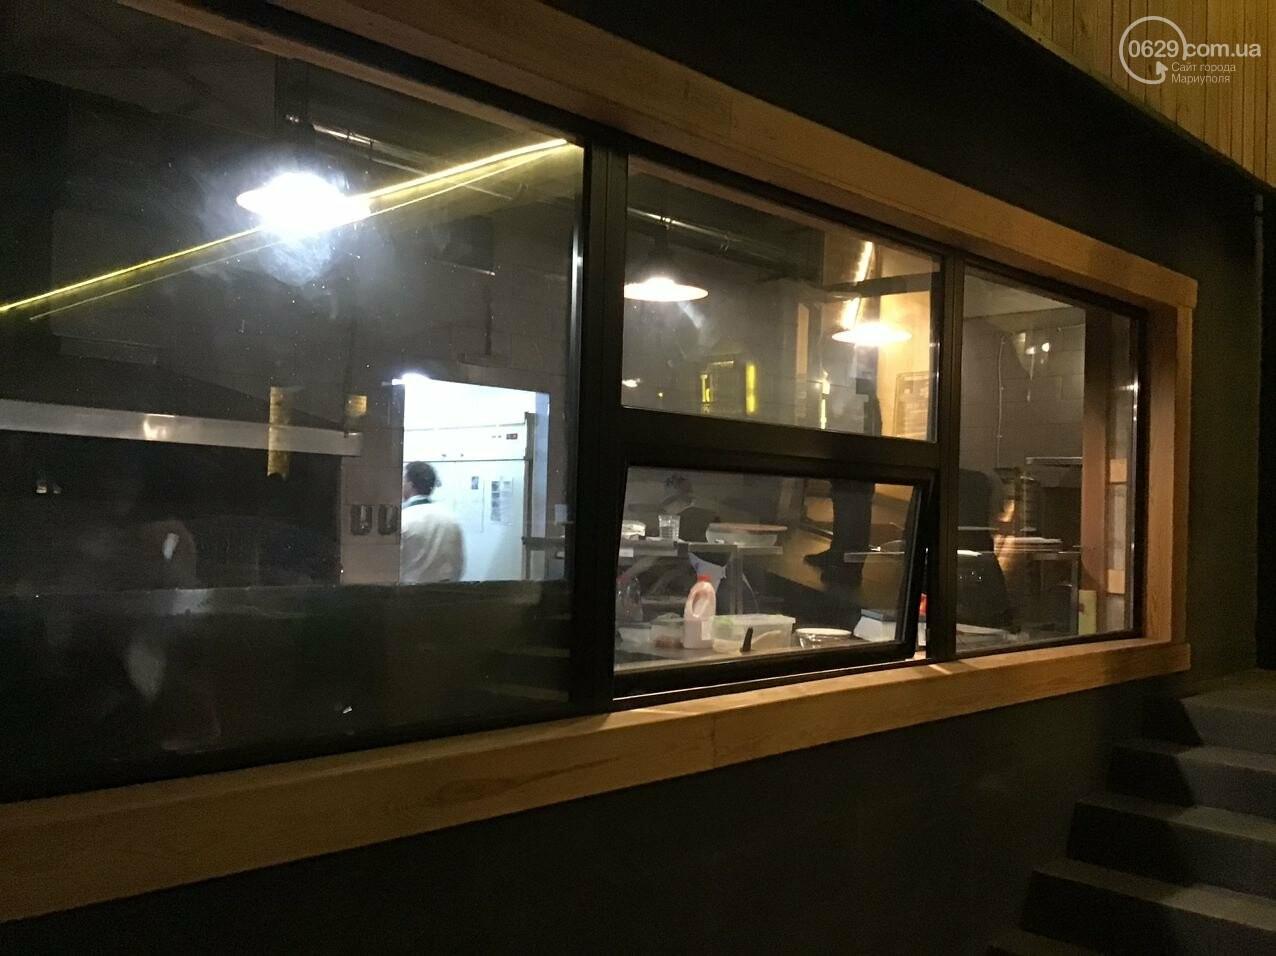 """Ночная ревизия 0629. Как в Мариуполе соблюдают правила """"желтой зоны"""", - ВИДЕОСЮЖЕТ, фото-2"""